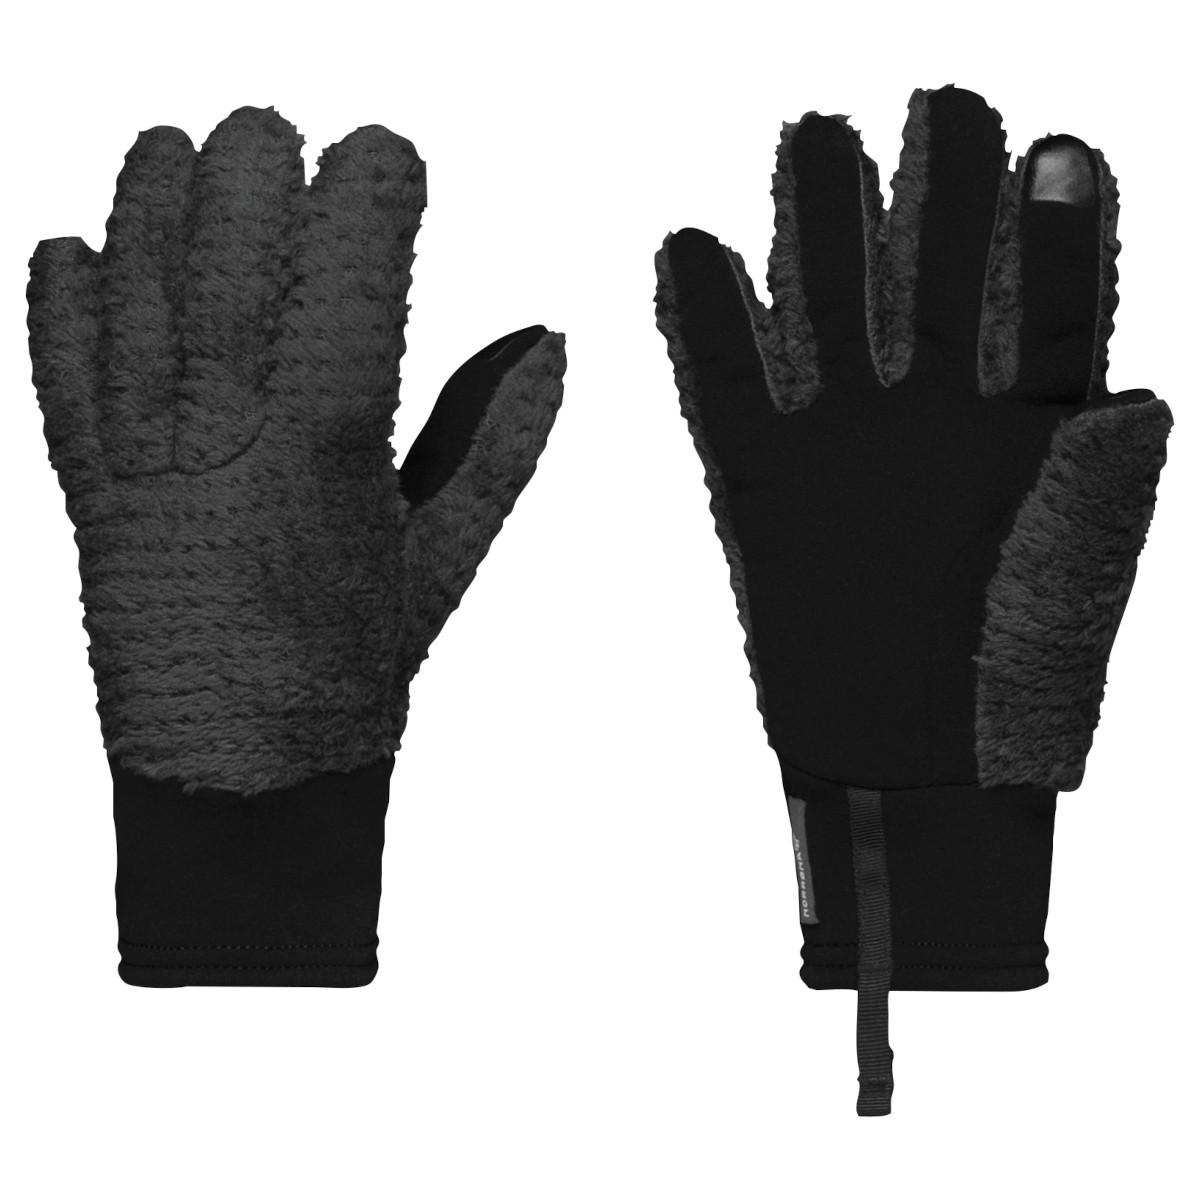 Norrona /29 highloft Gloves - Caviar